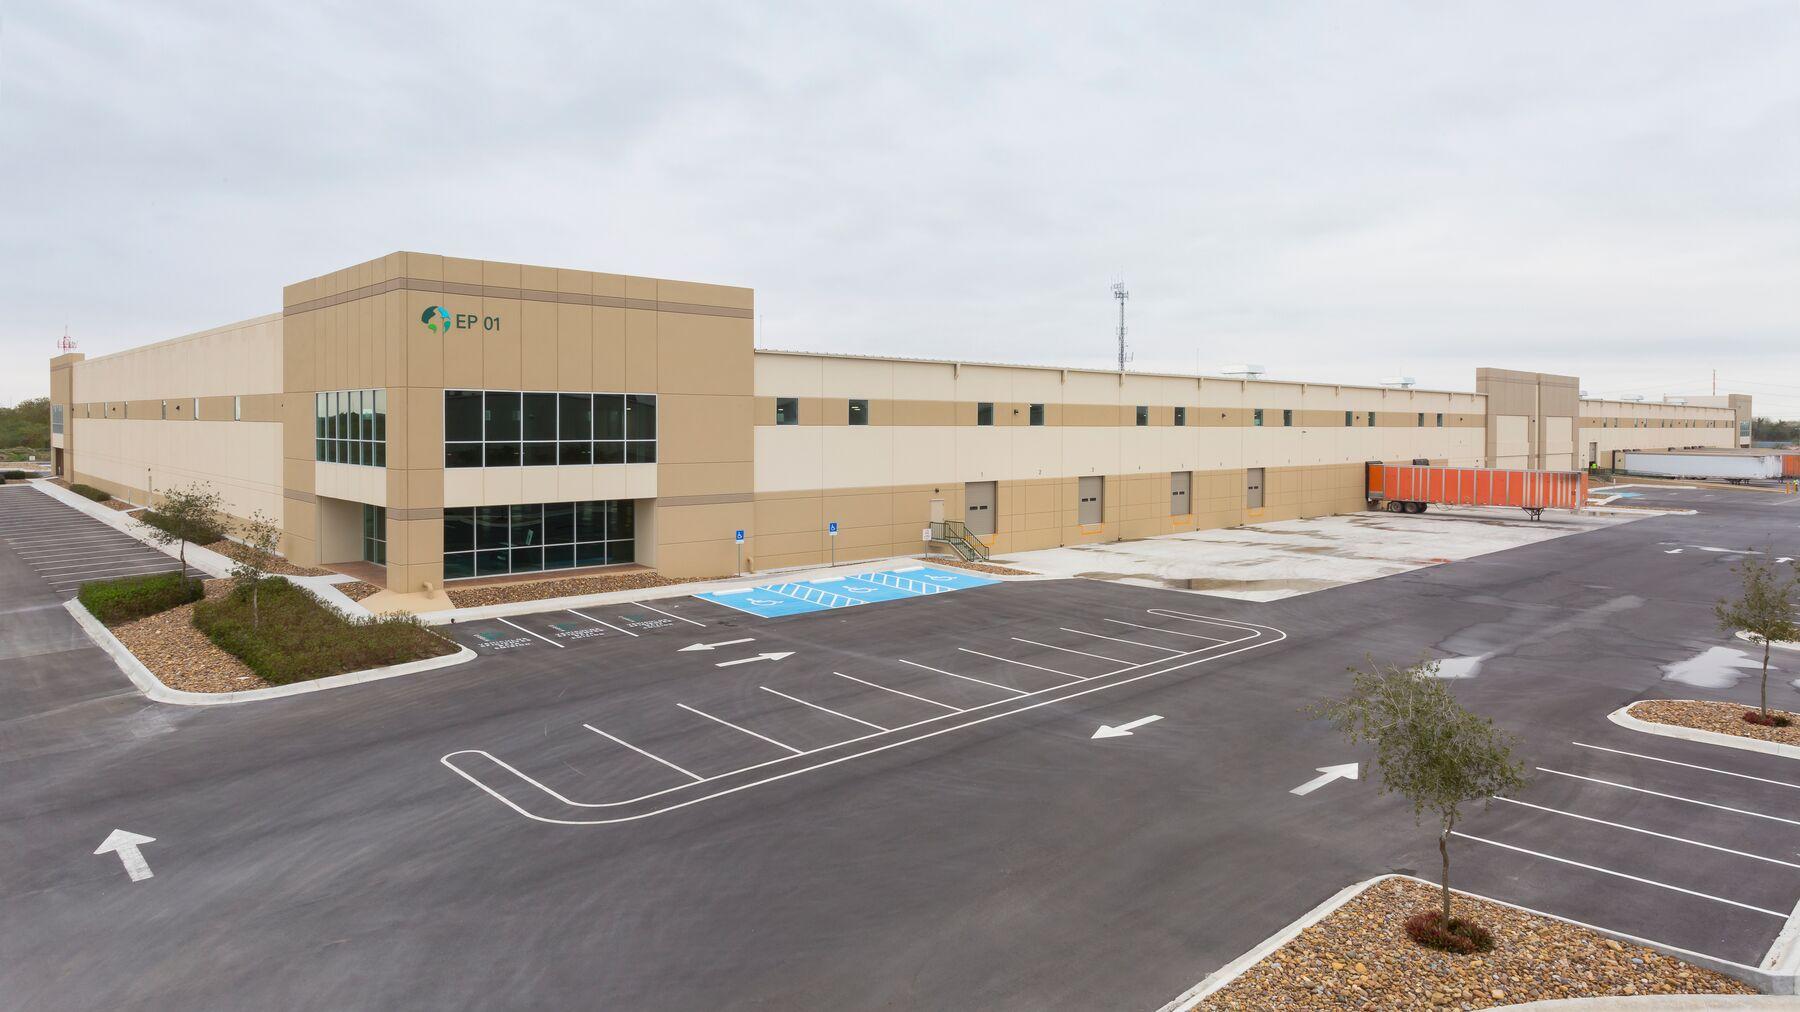 DPM-El-Puente-Industrial-Center-1_-10.jpg